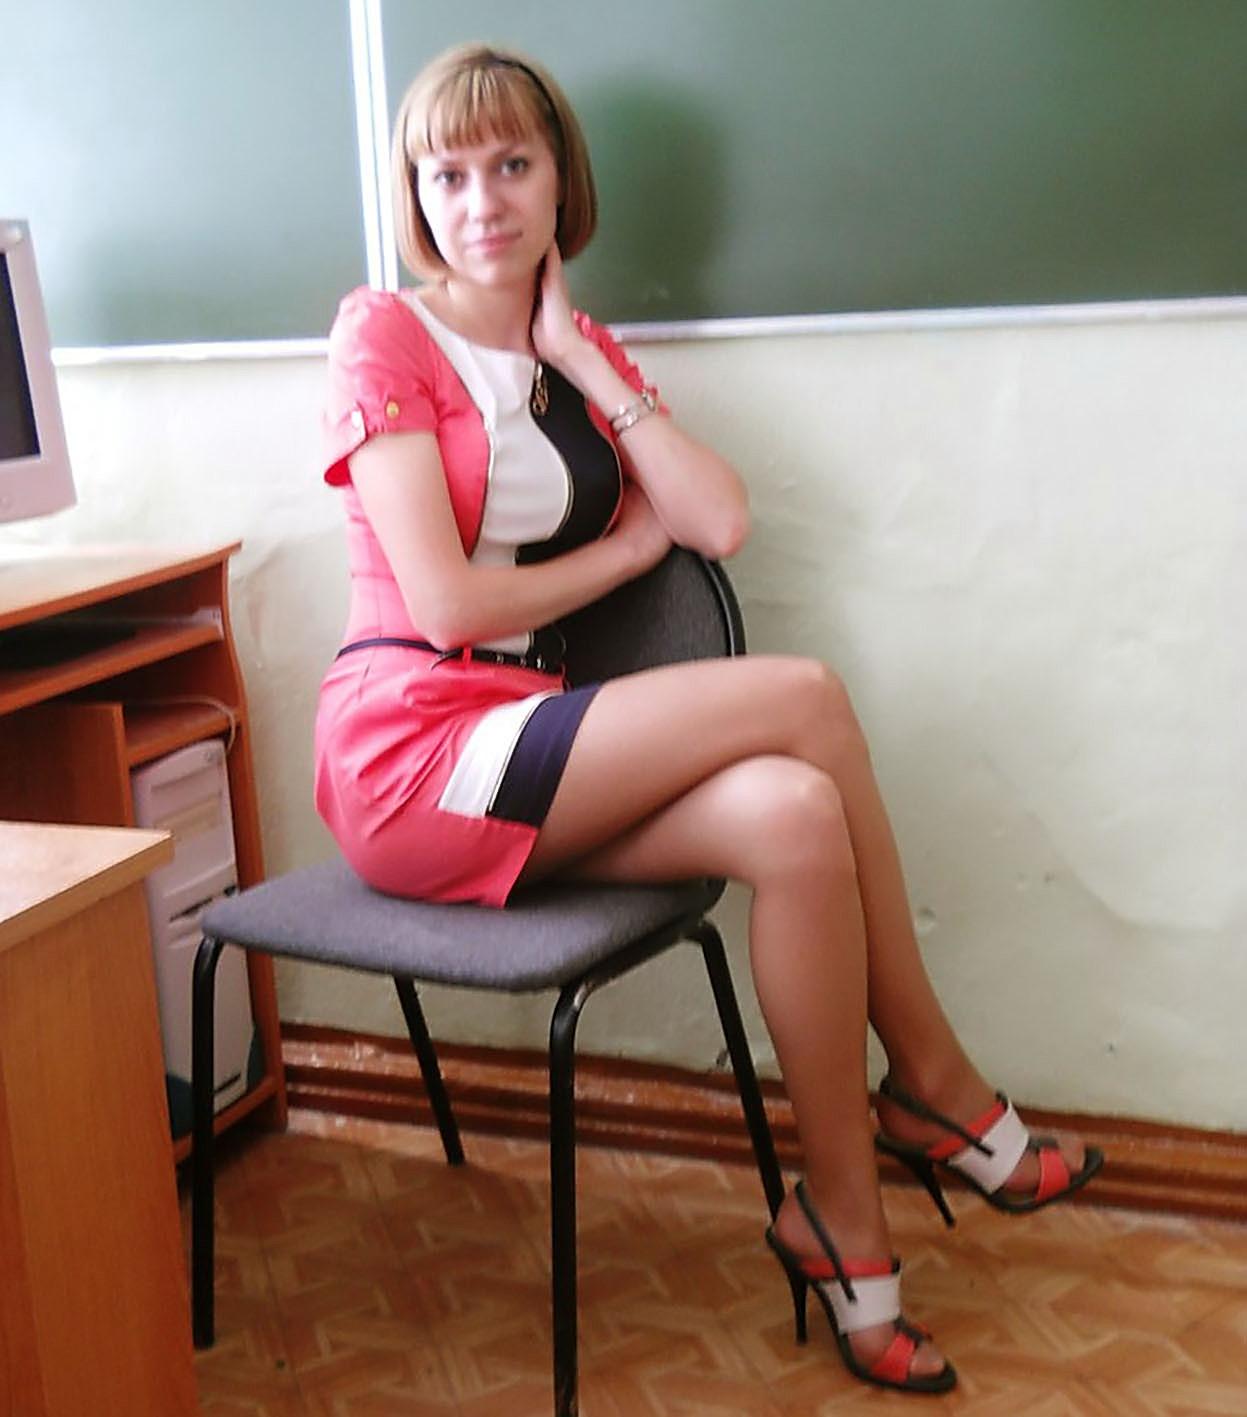 【即ハボ】飢えた男子生徒にオカズにされる、刺激が強すぎる海外の女教師をご覧ください・・・・・・17枚目